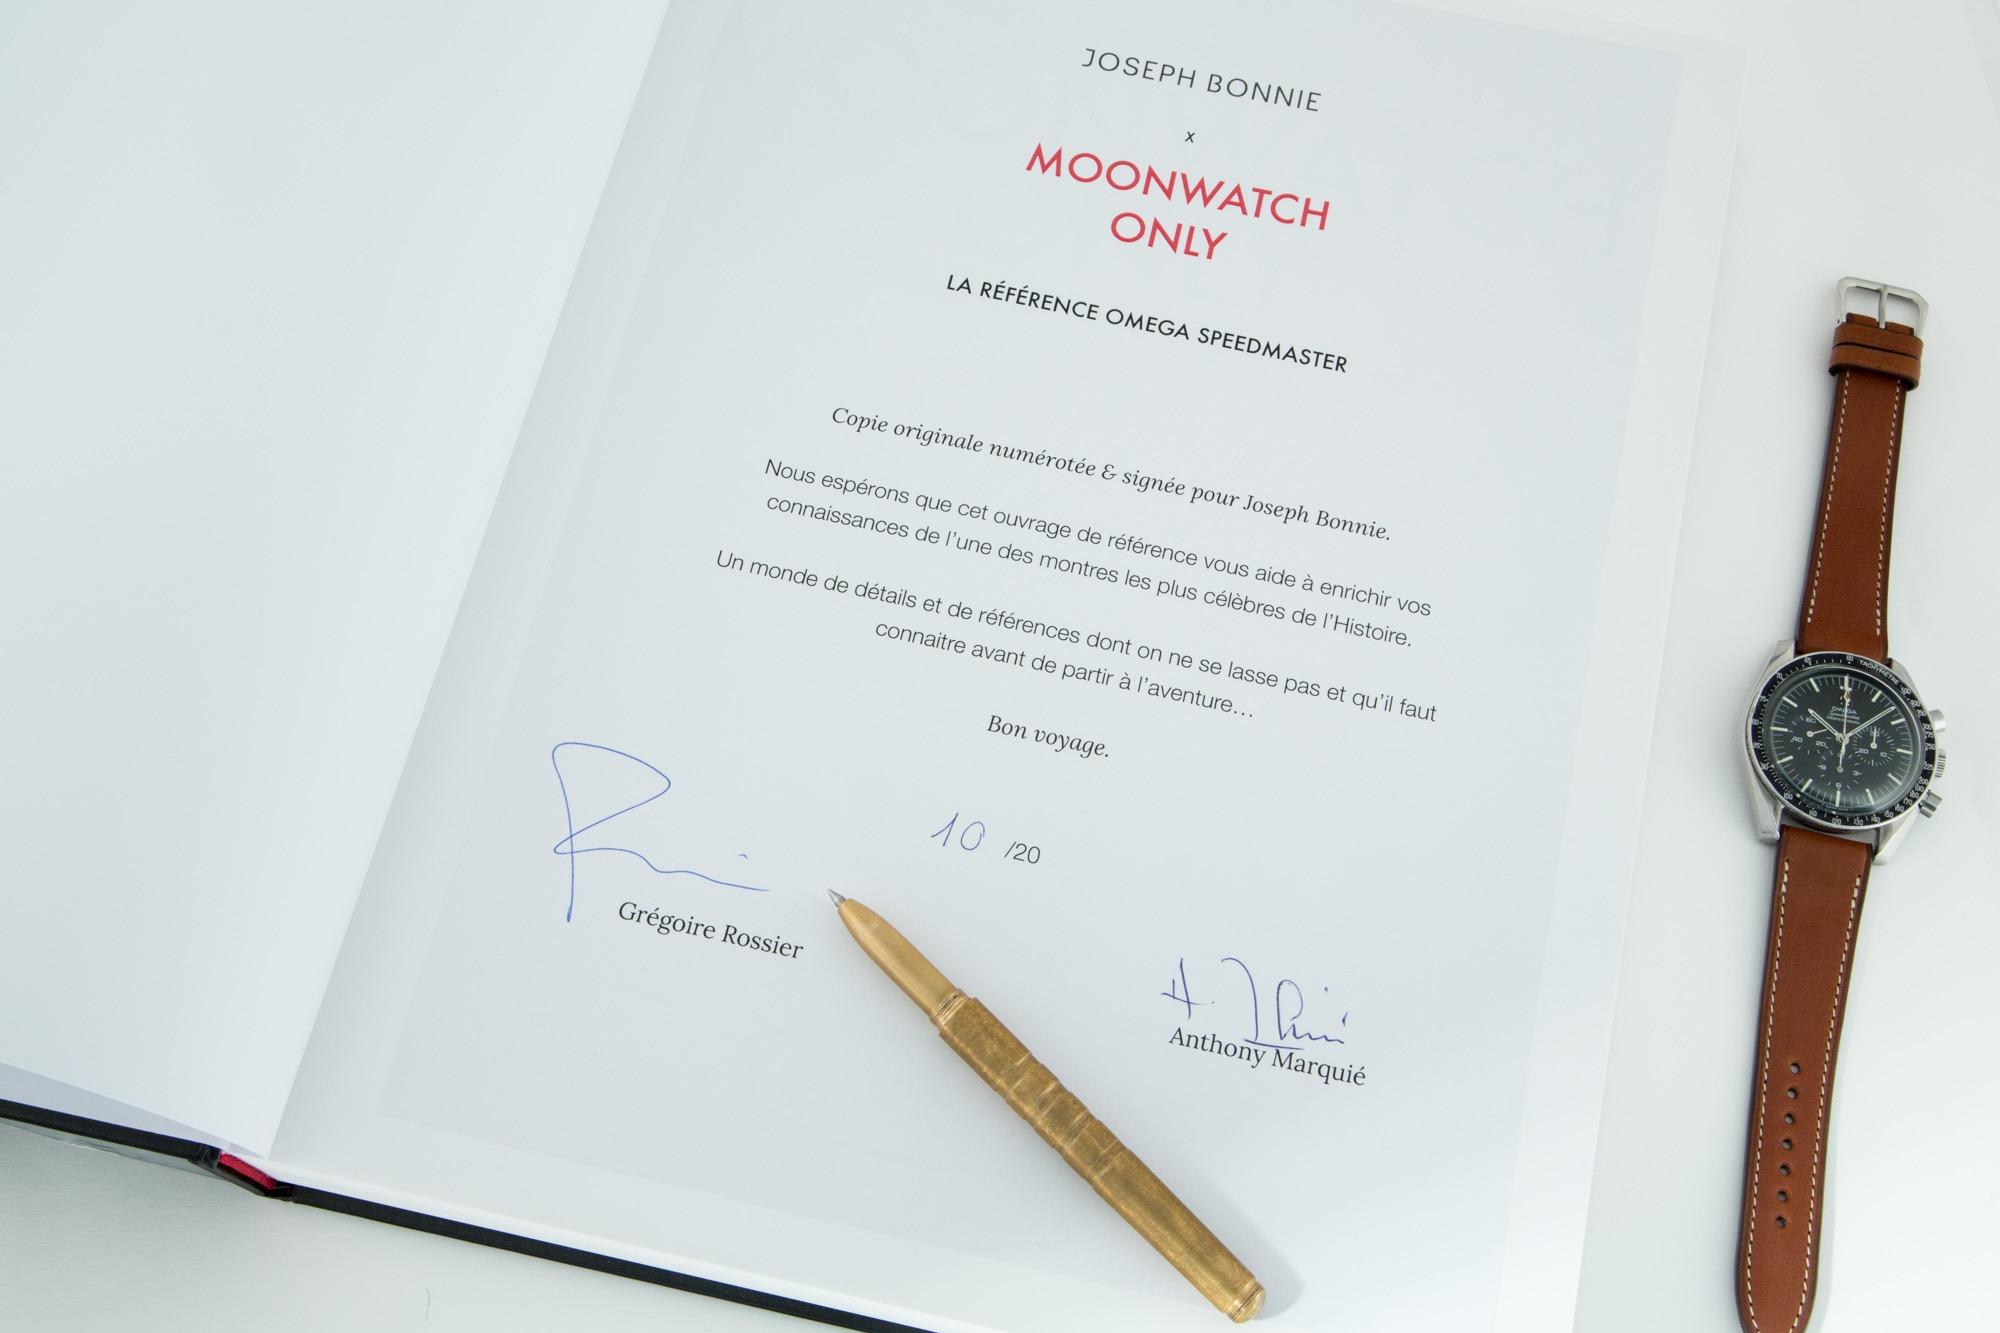 Moonwatch only - Copie signée et numérotée